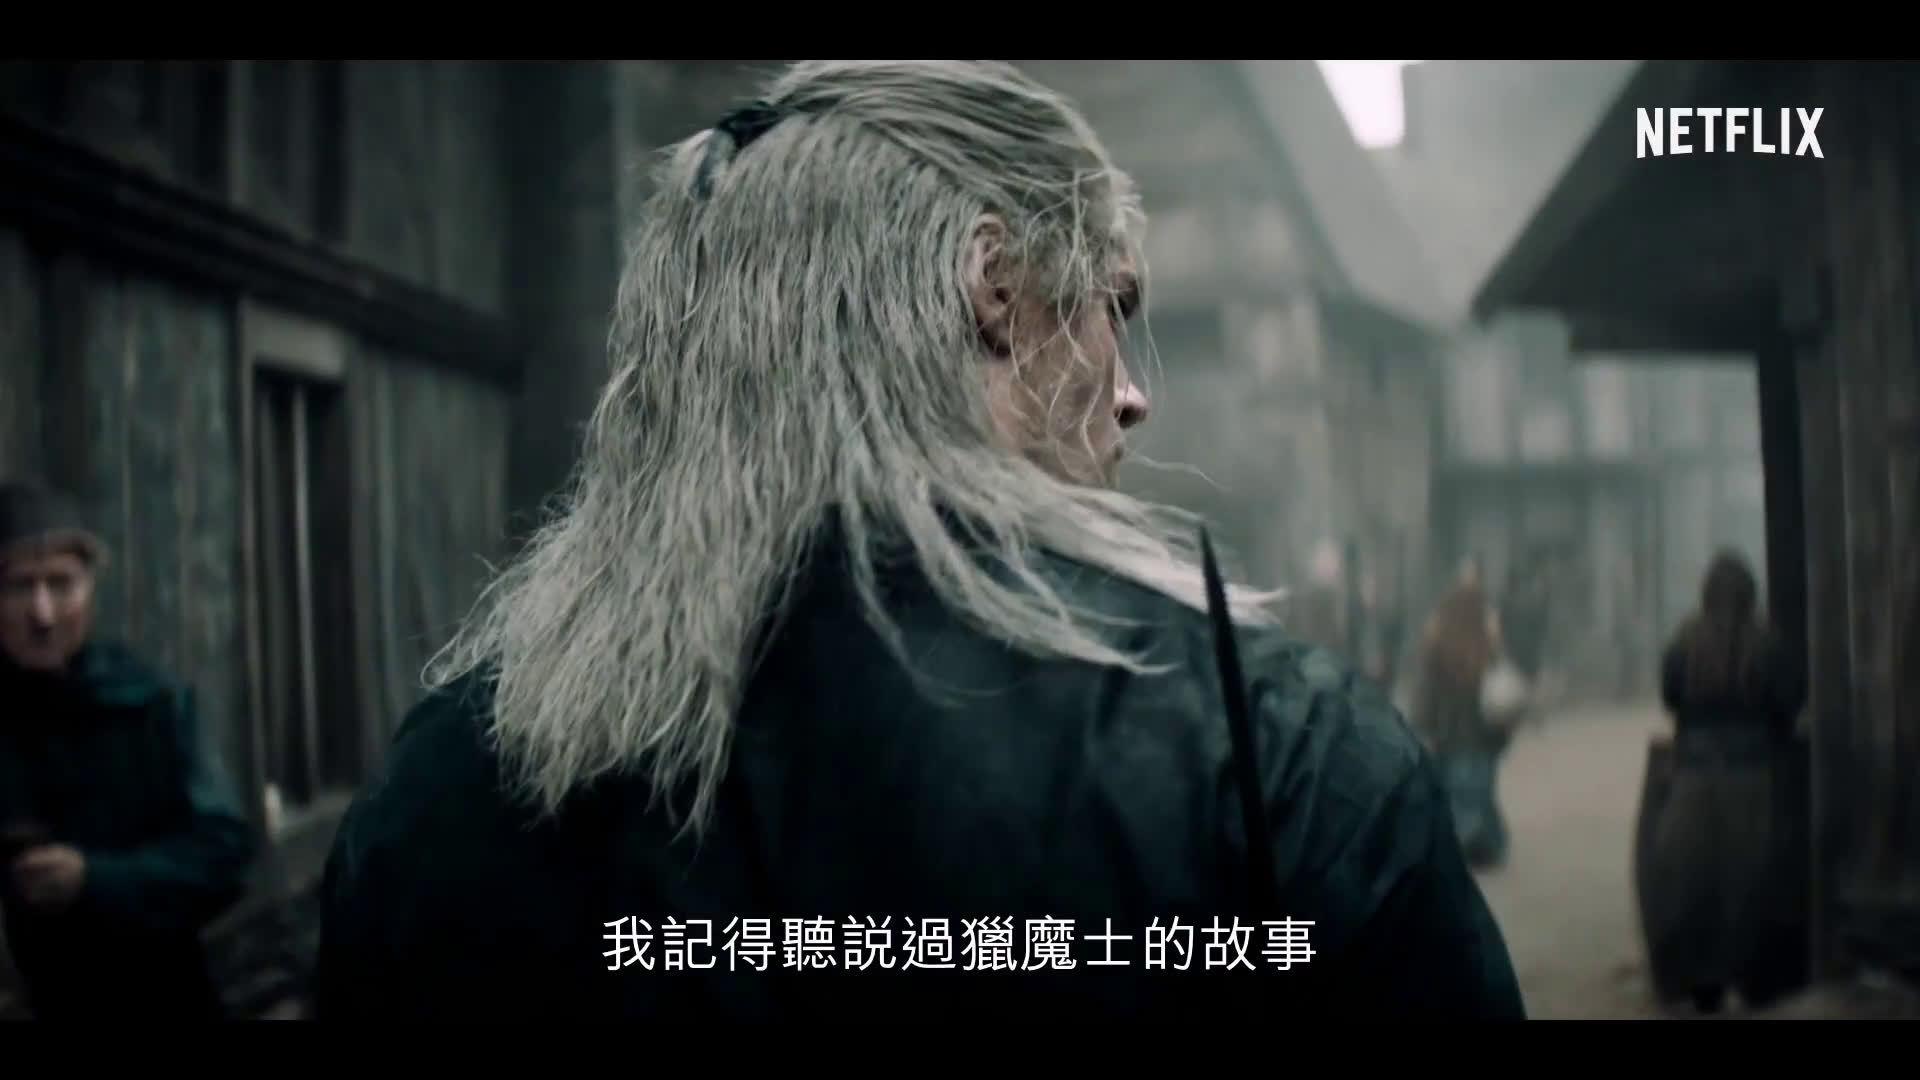 亨利卡维尔主演的Netflix剧集《猎魔人》发布先导预告